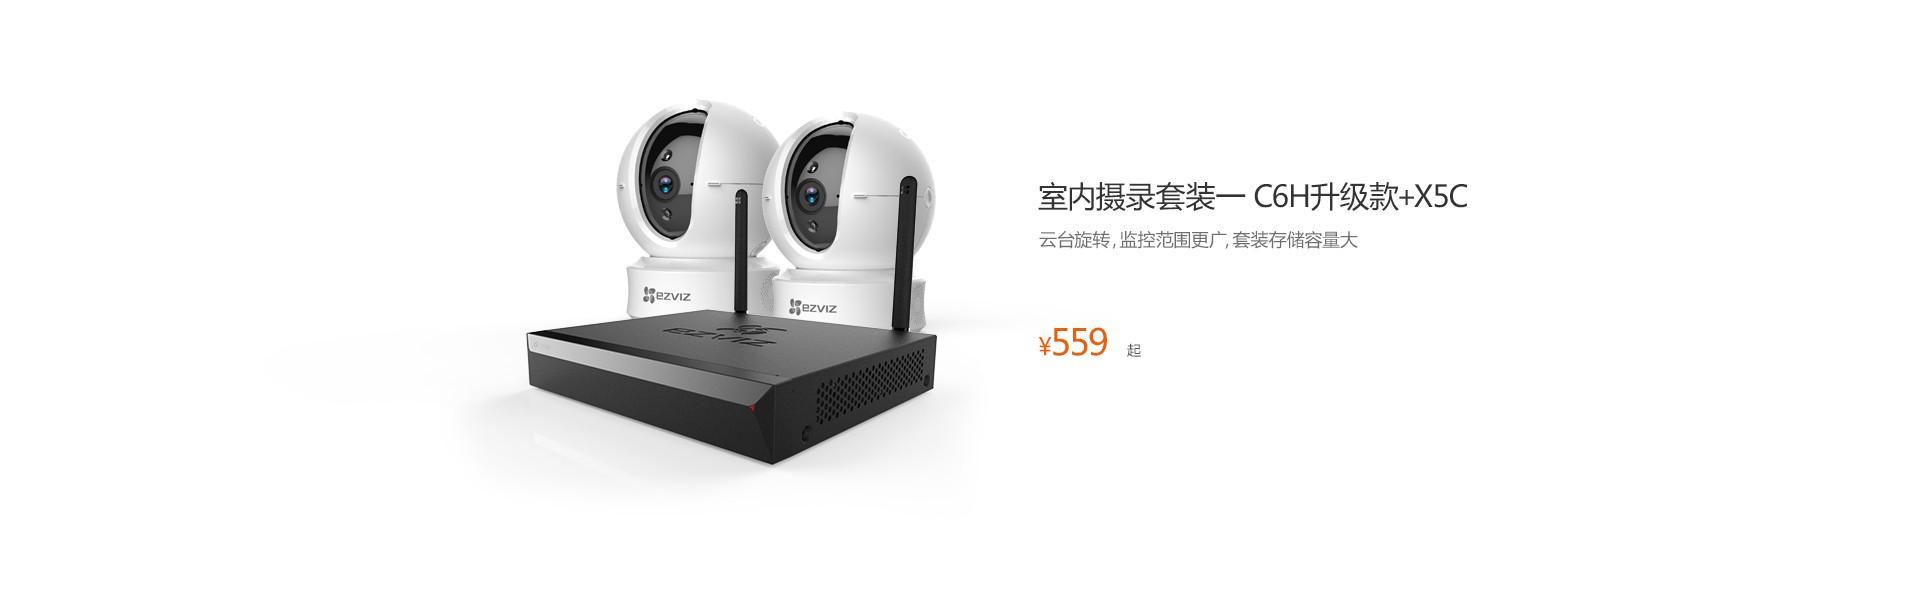 PC-C6H升级版+x5c.jpg